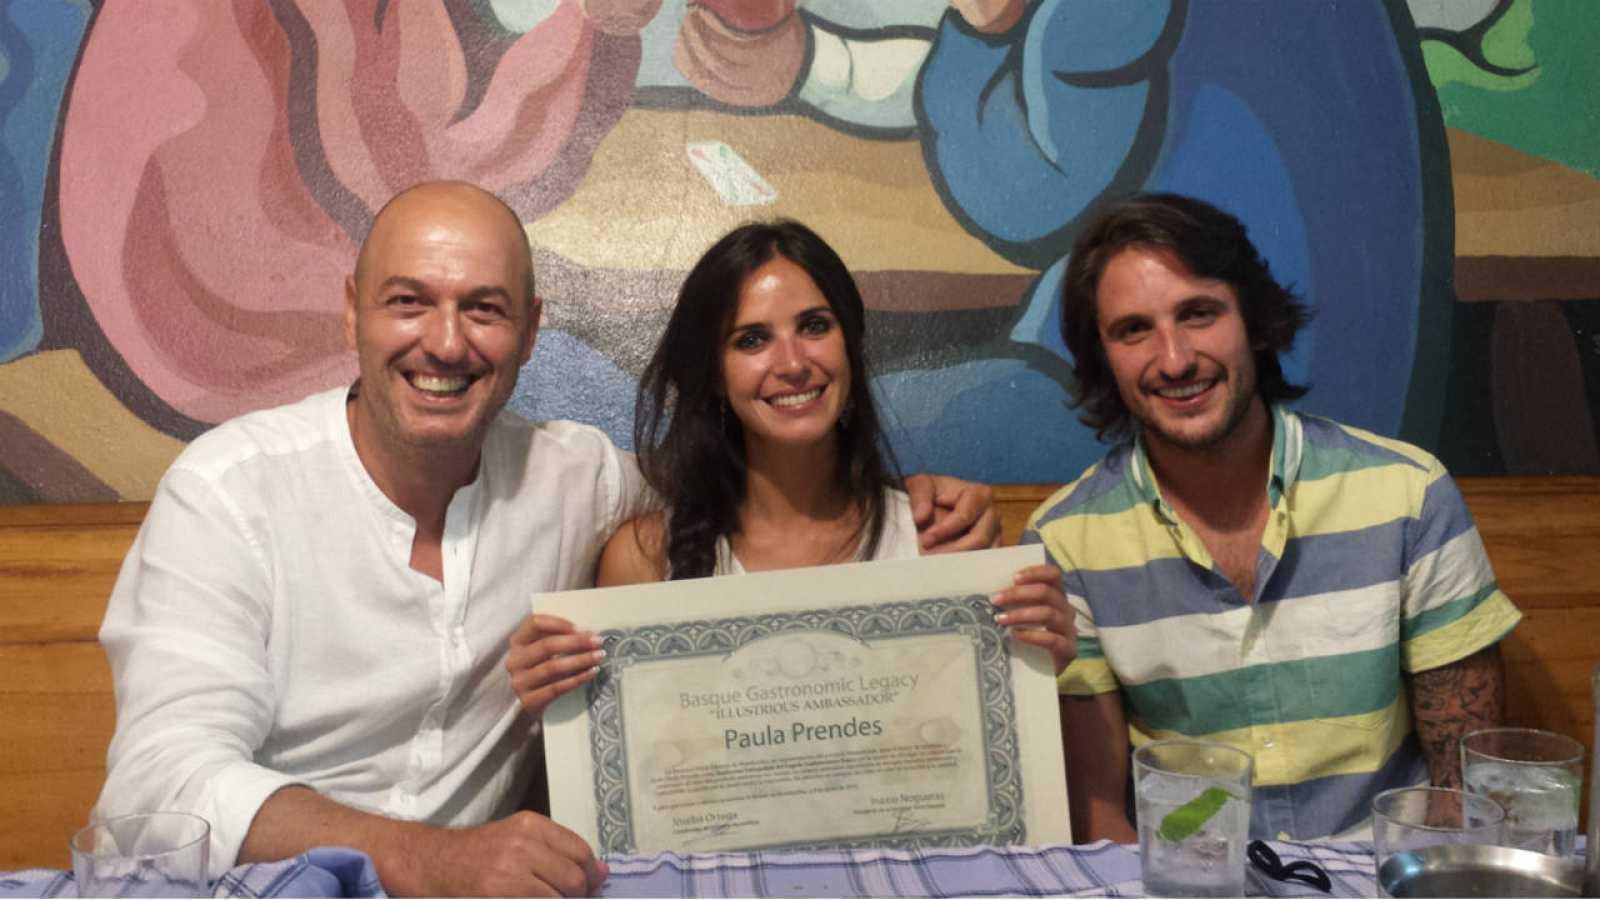 Paula Prendes, presentadora de 'Cocineros al Volante' junto al jurado del programa Íñigo Pérez 'Urrechu' y Álex Alcántara